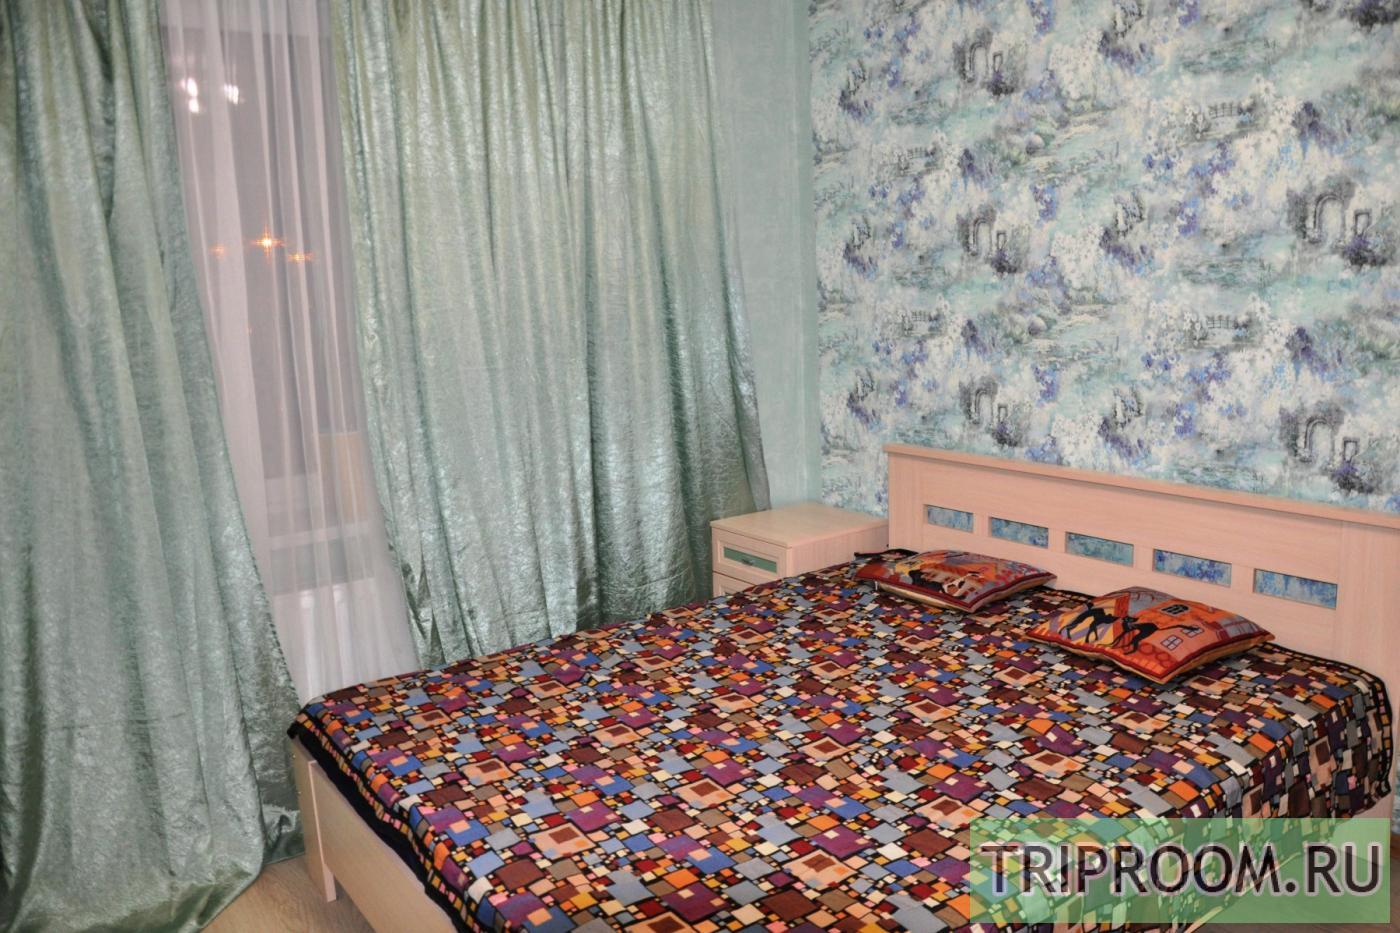 2-комнатная квартира посуточно (вариант № 22362), ул. Латышских Стрелков, фото № 12